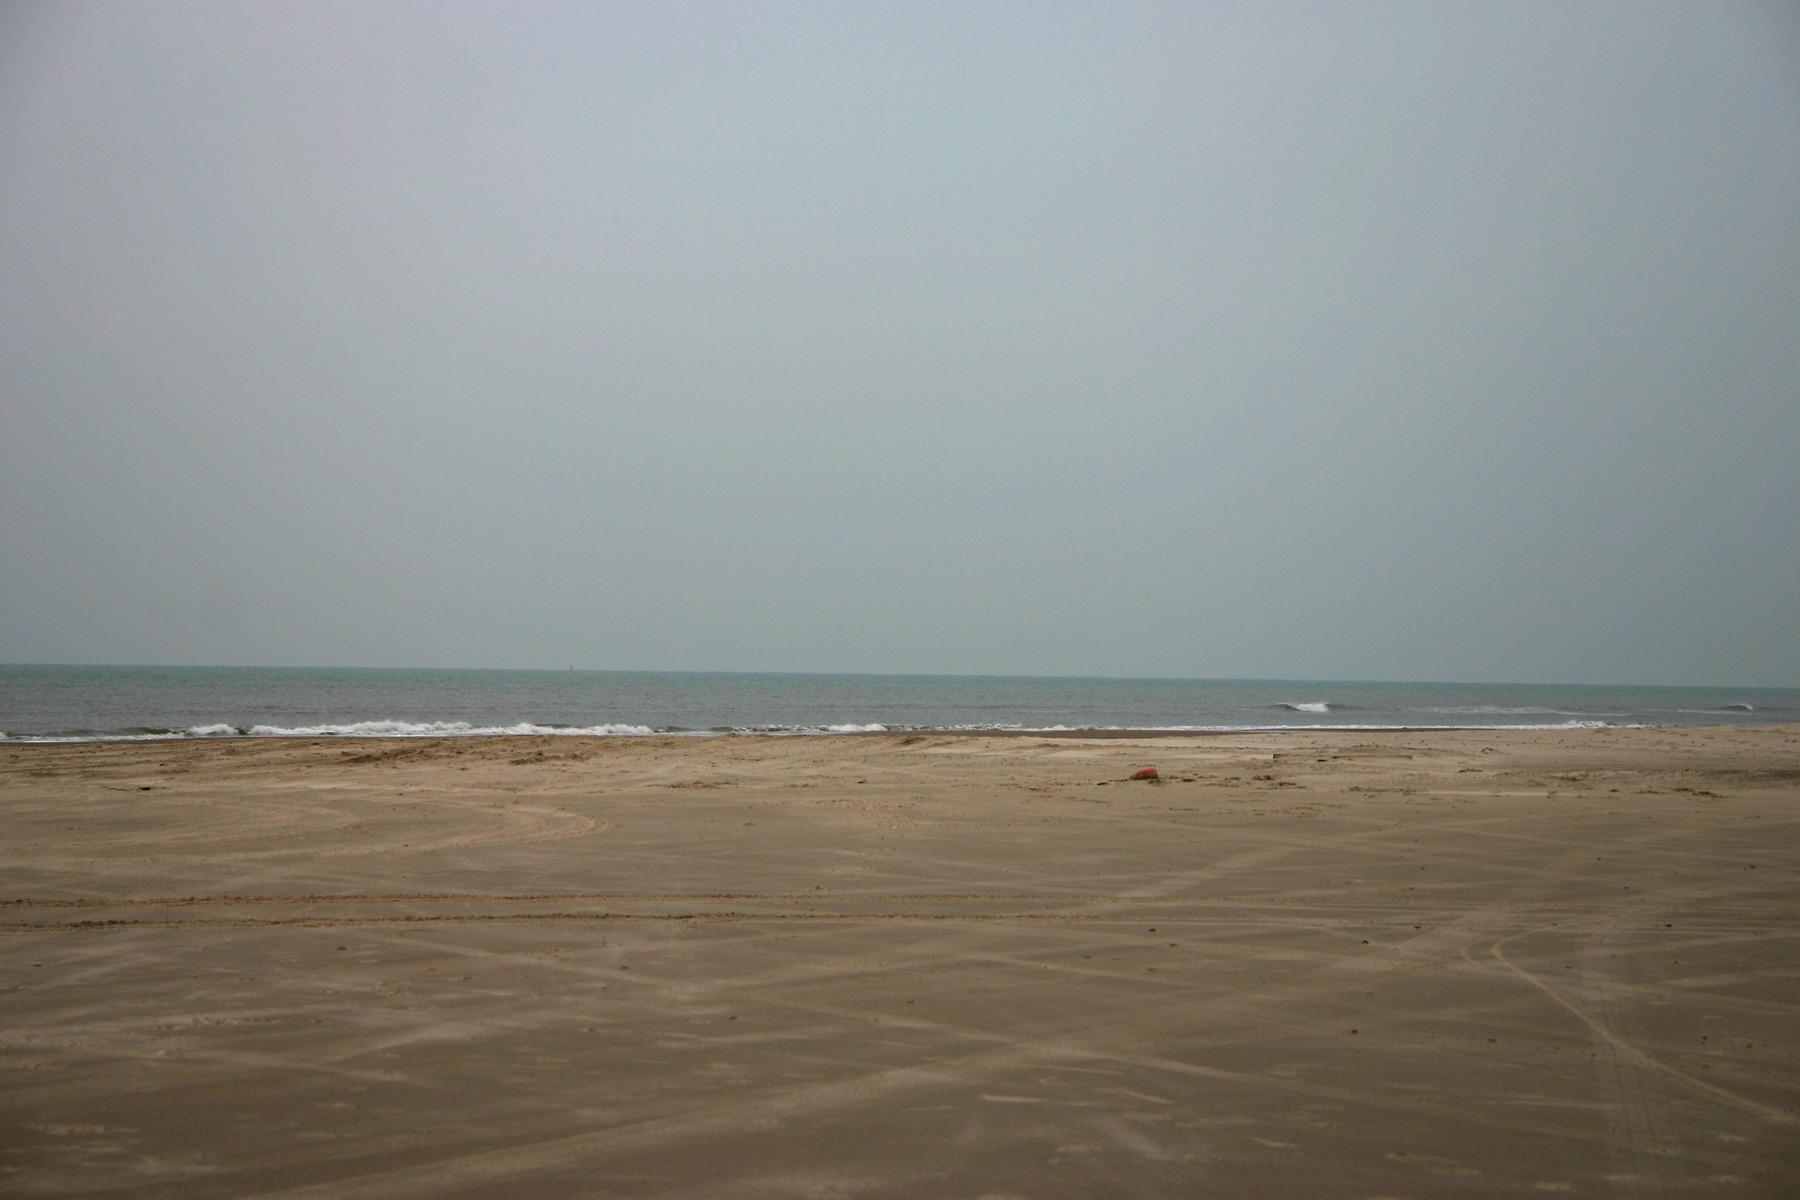 Sand beach, Beach, Ocean, Sand, Sea, HQ Photo